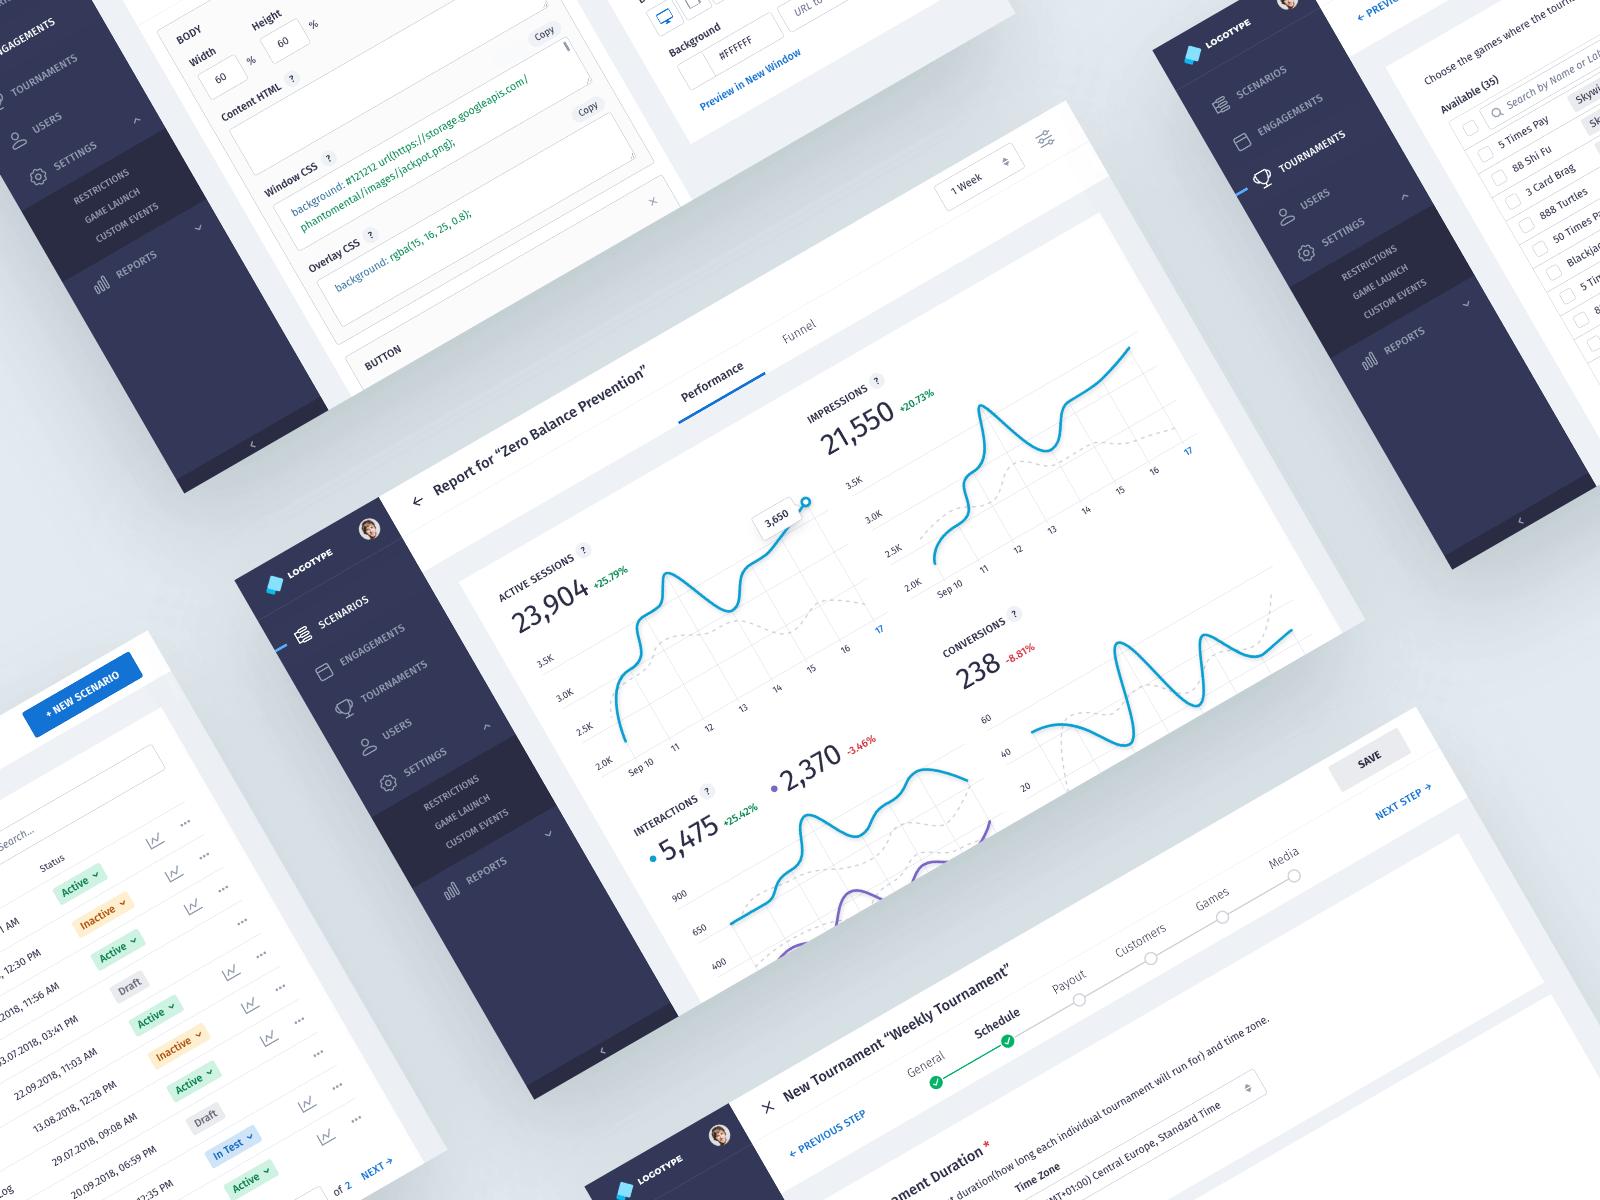 Design for a player engagement platform dashboard